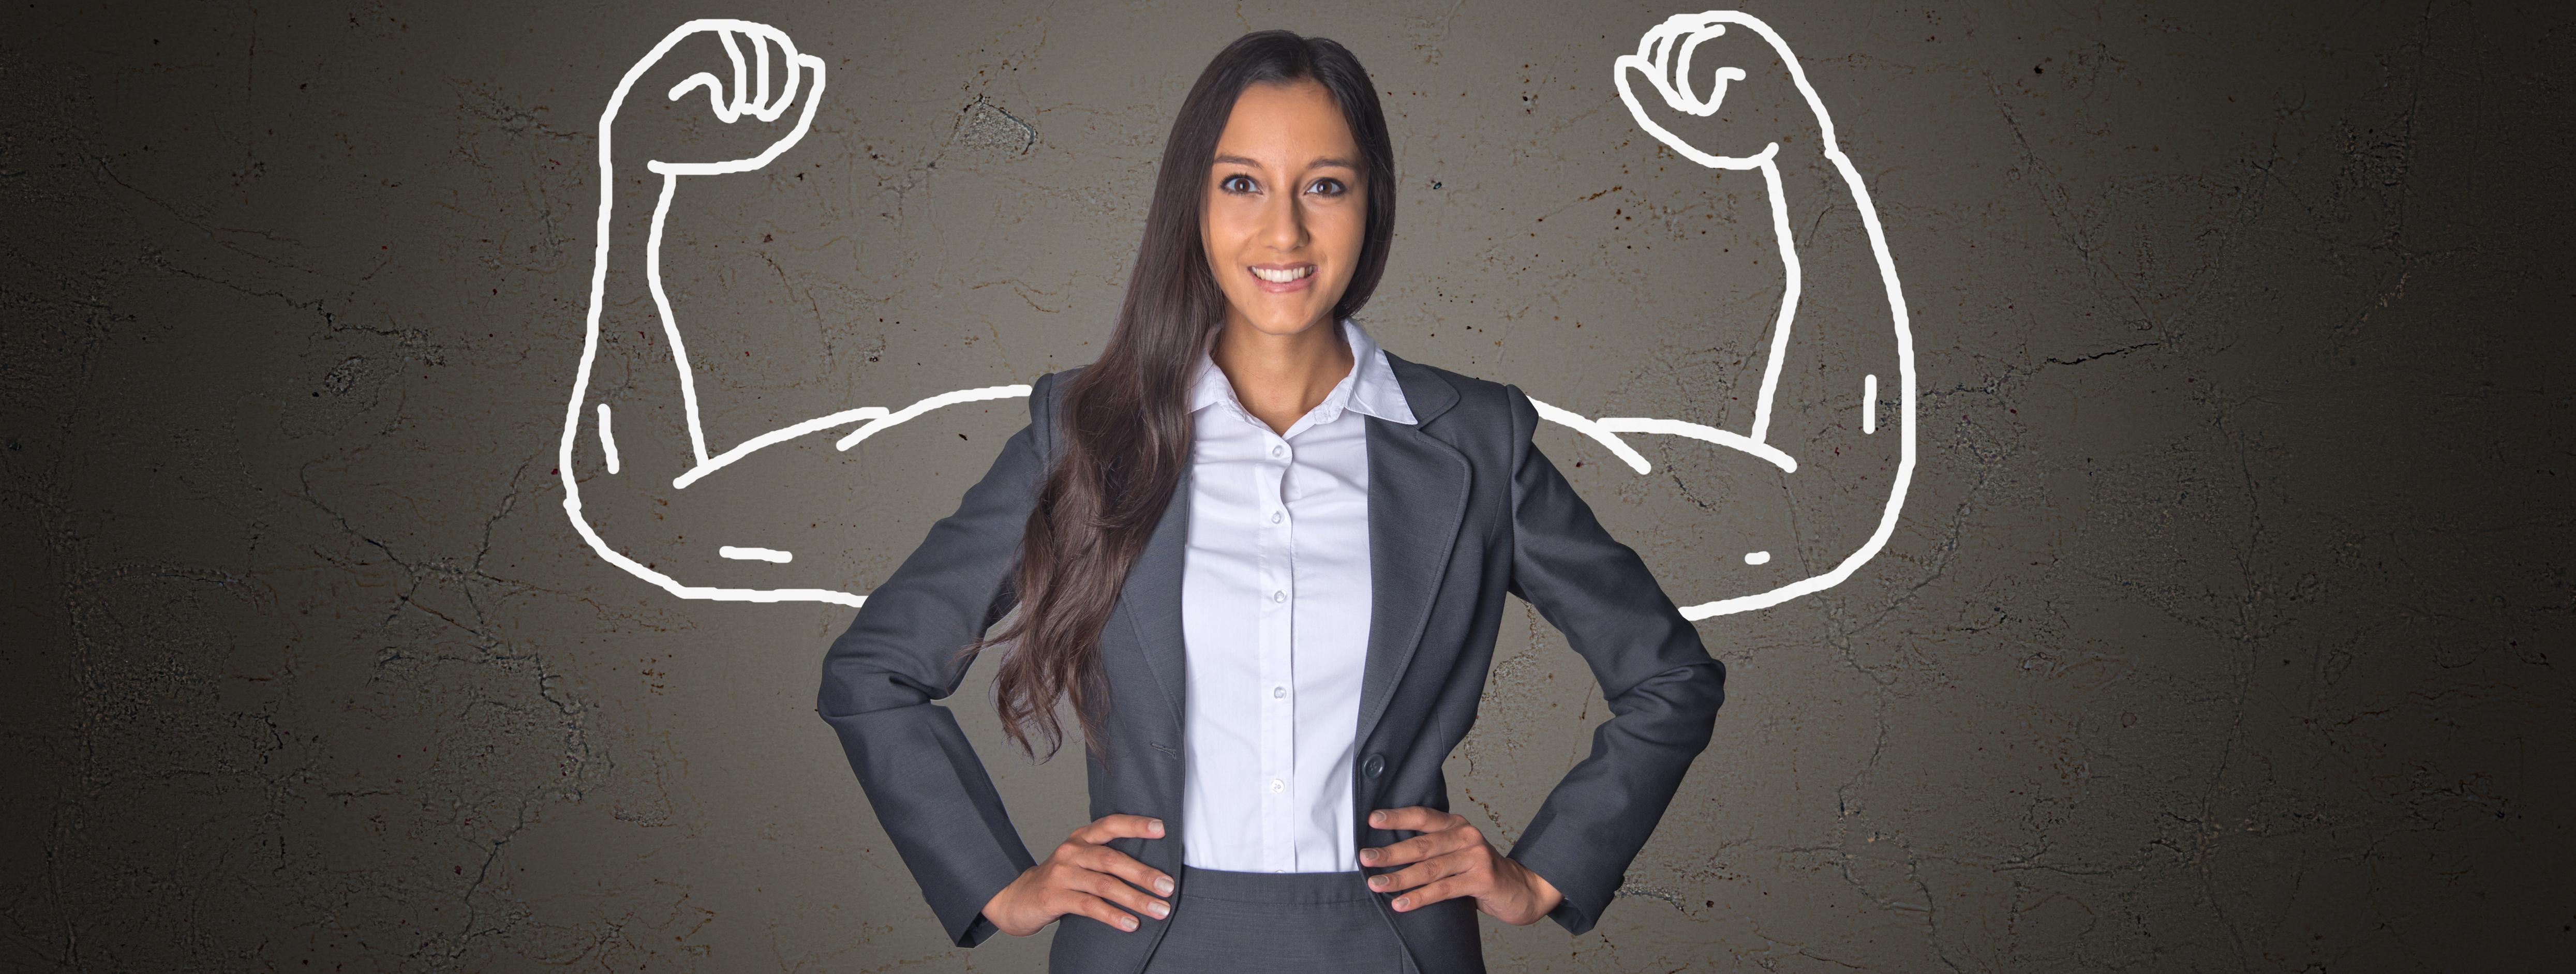 7a8a127b39dff 7 segredos para tornar-se um empreendedor de sucesso